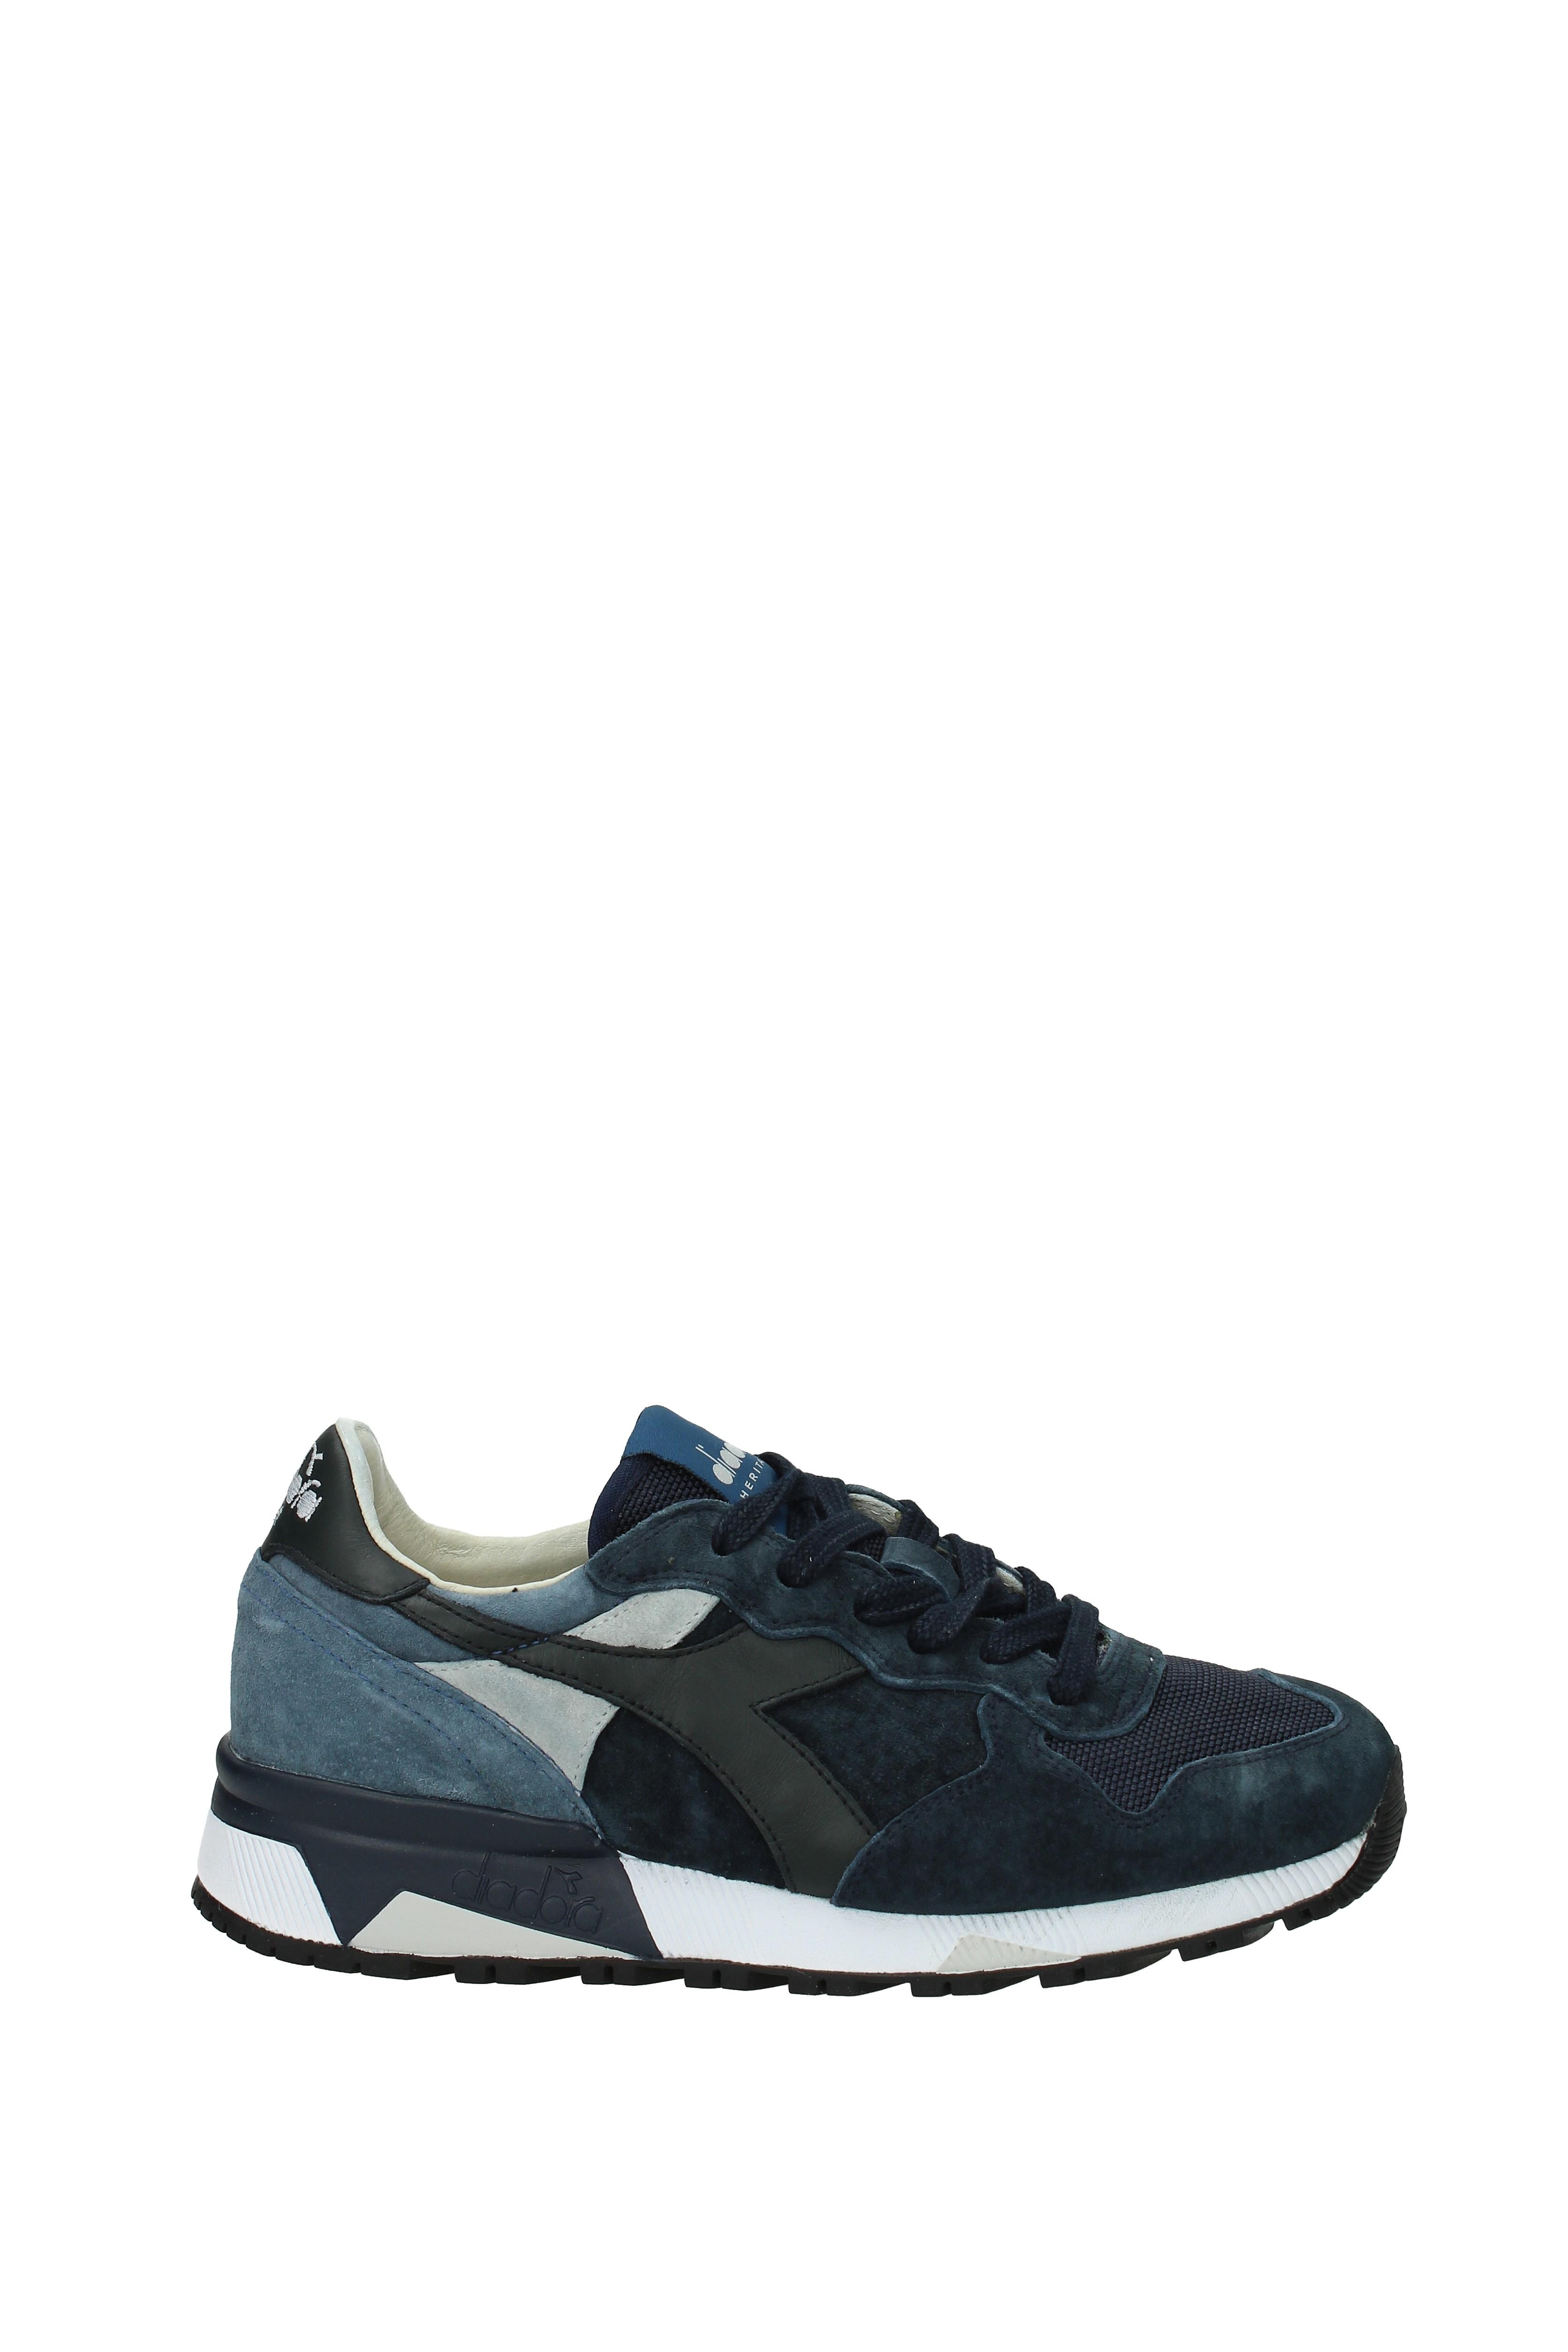 Sneakers Diadora Heritage Heritage Heritage trident Herren - Wildleder (20116188501) 52e454